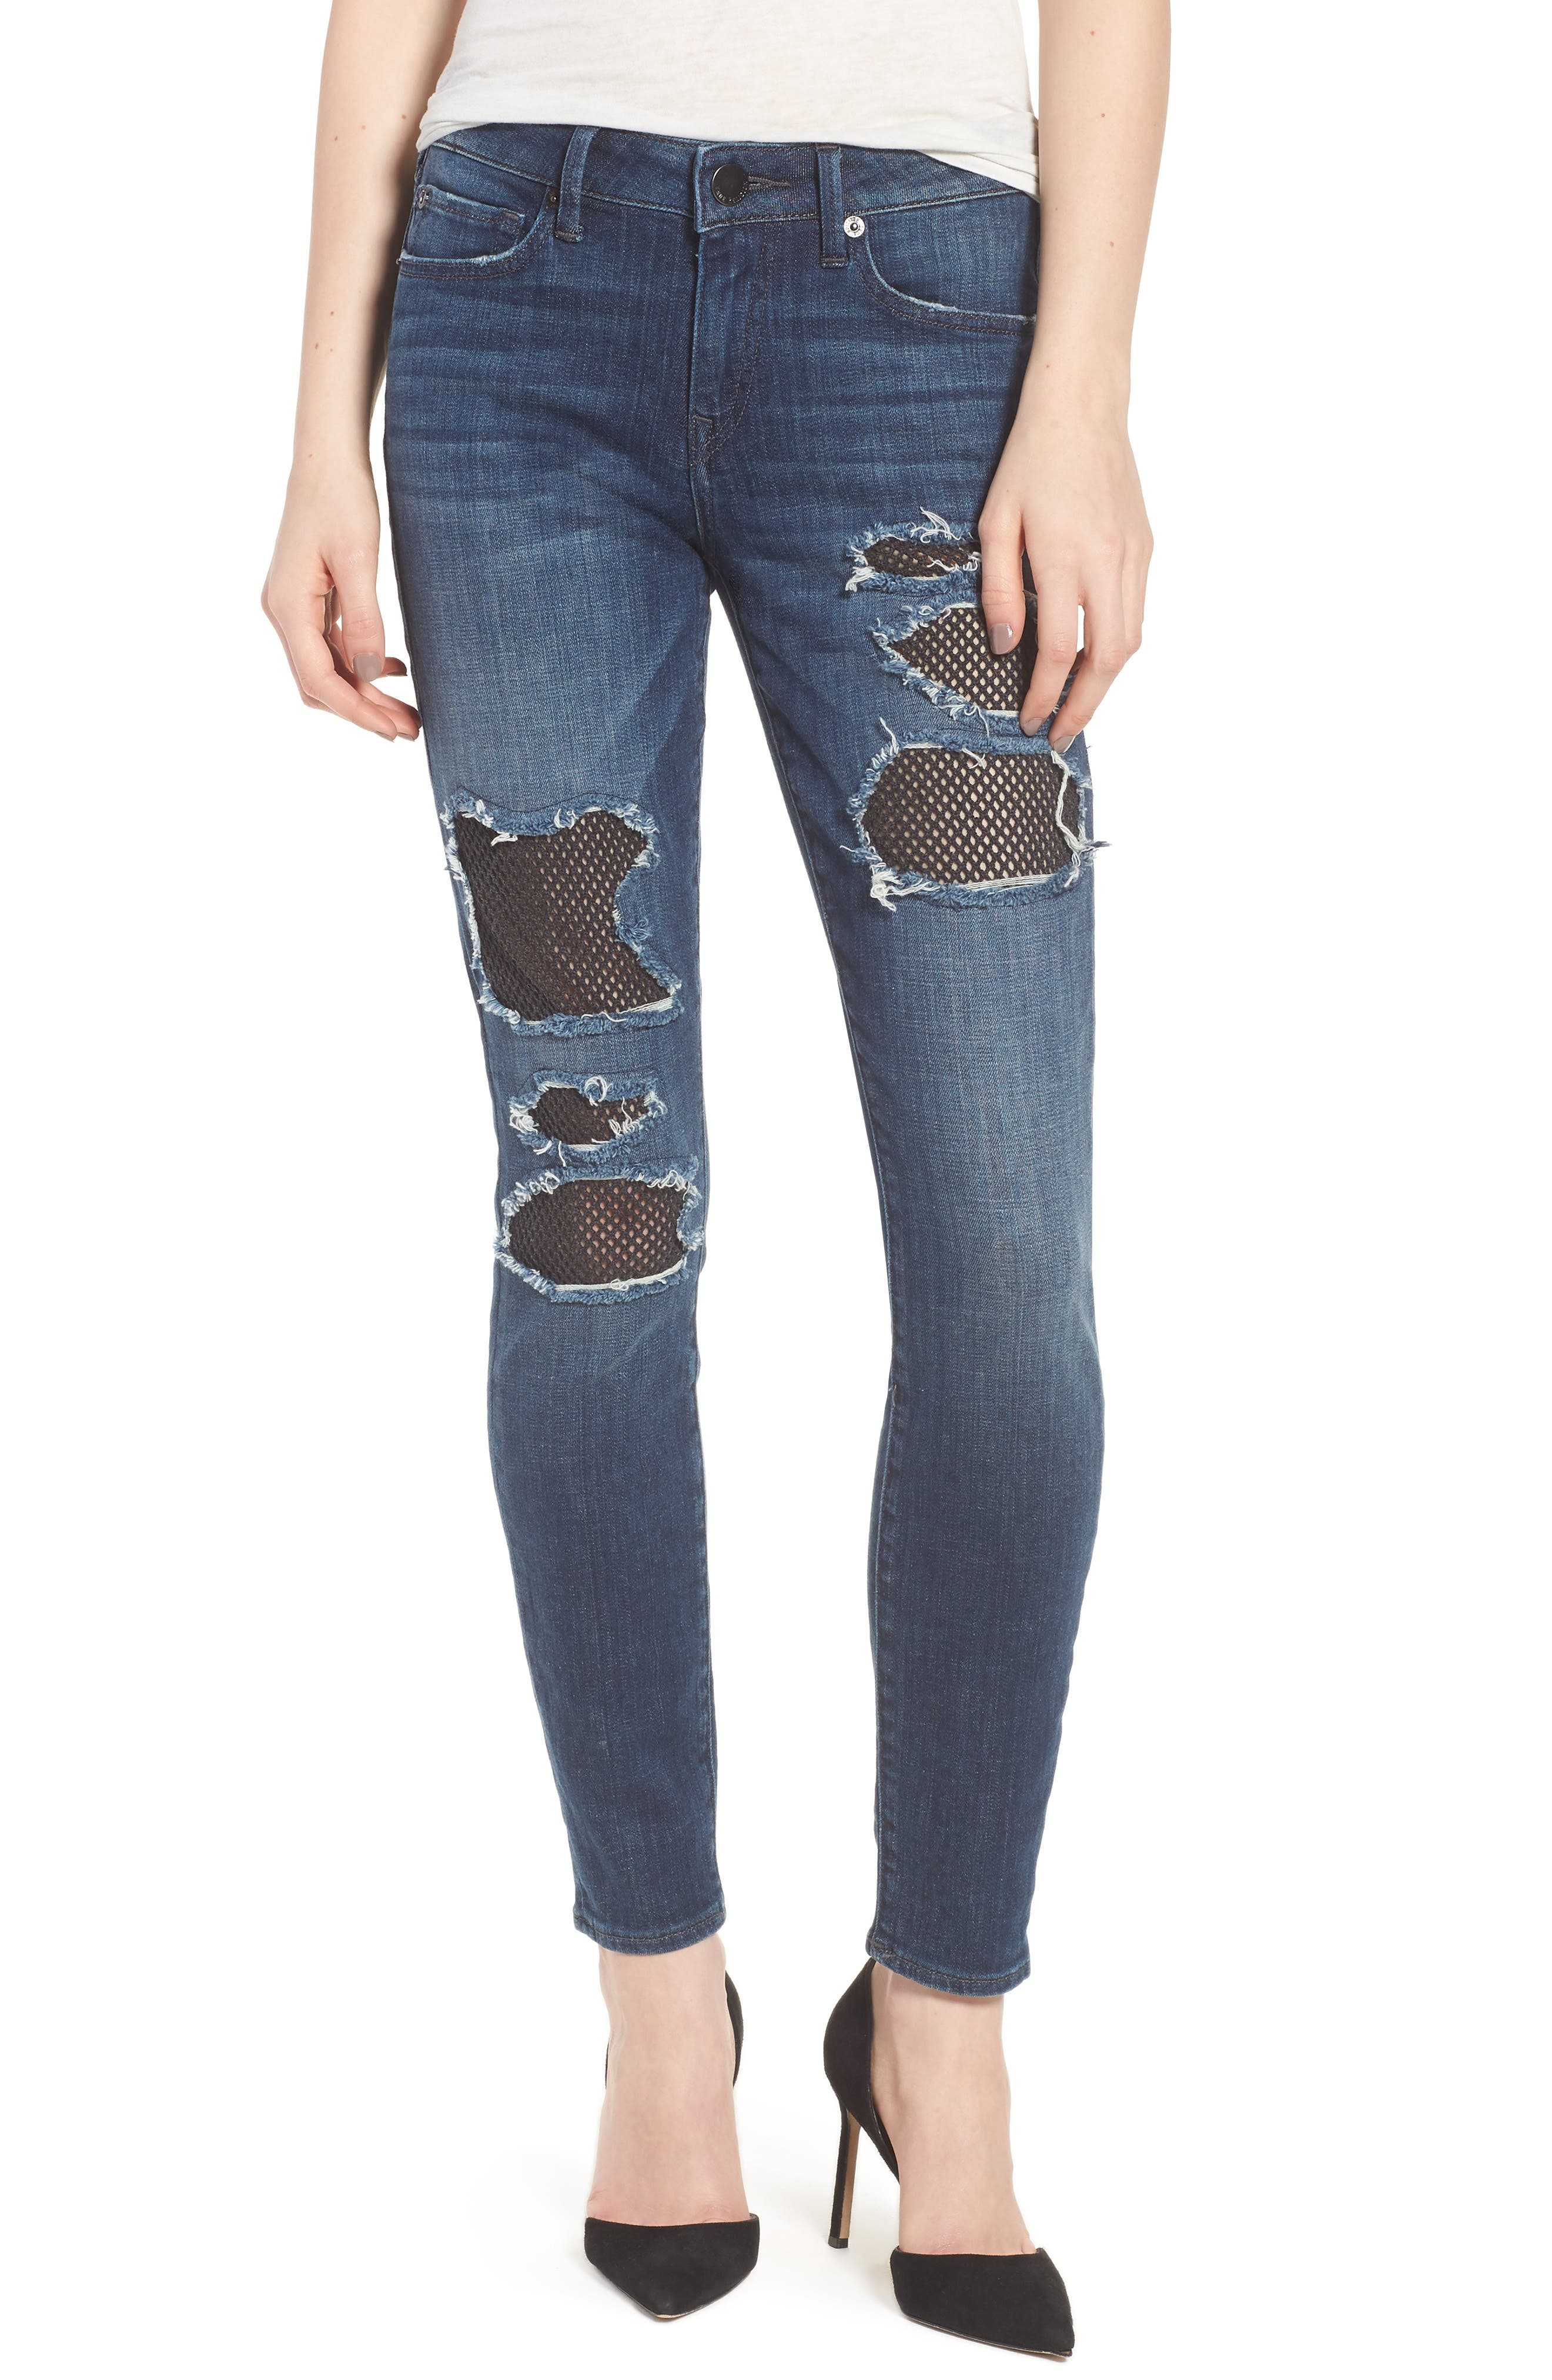 Alternate Image 1 Selected - True Religion Brand Jeans Halle Fishnet Skinny Jeans (Cobalt Crush)